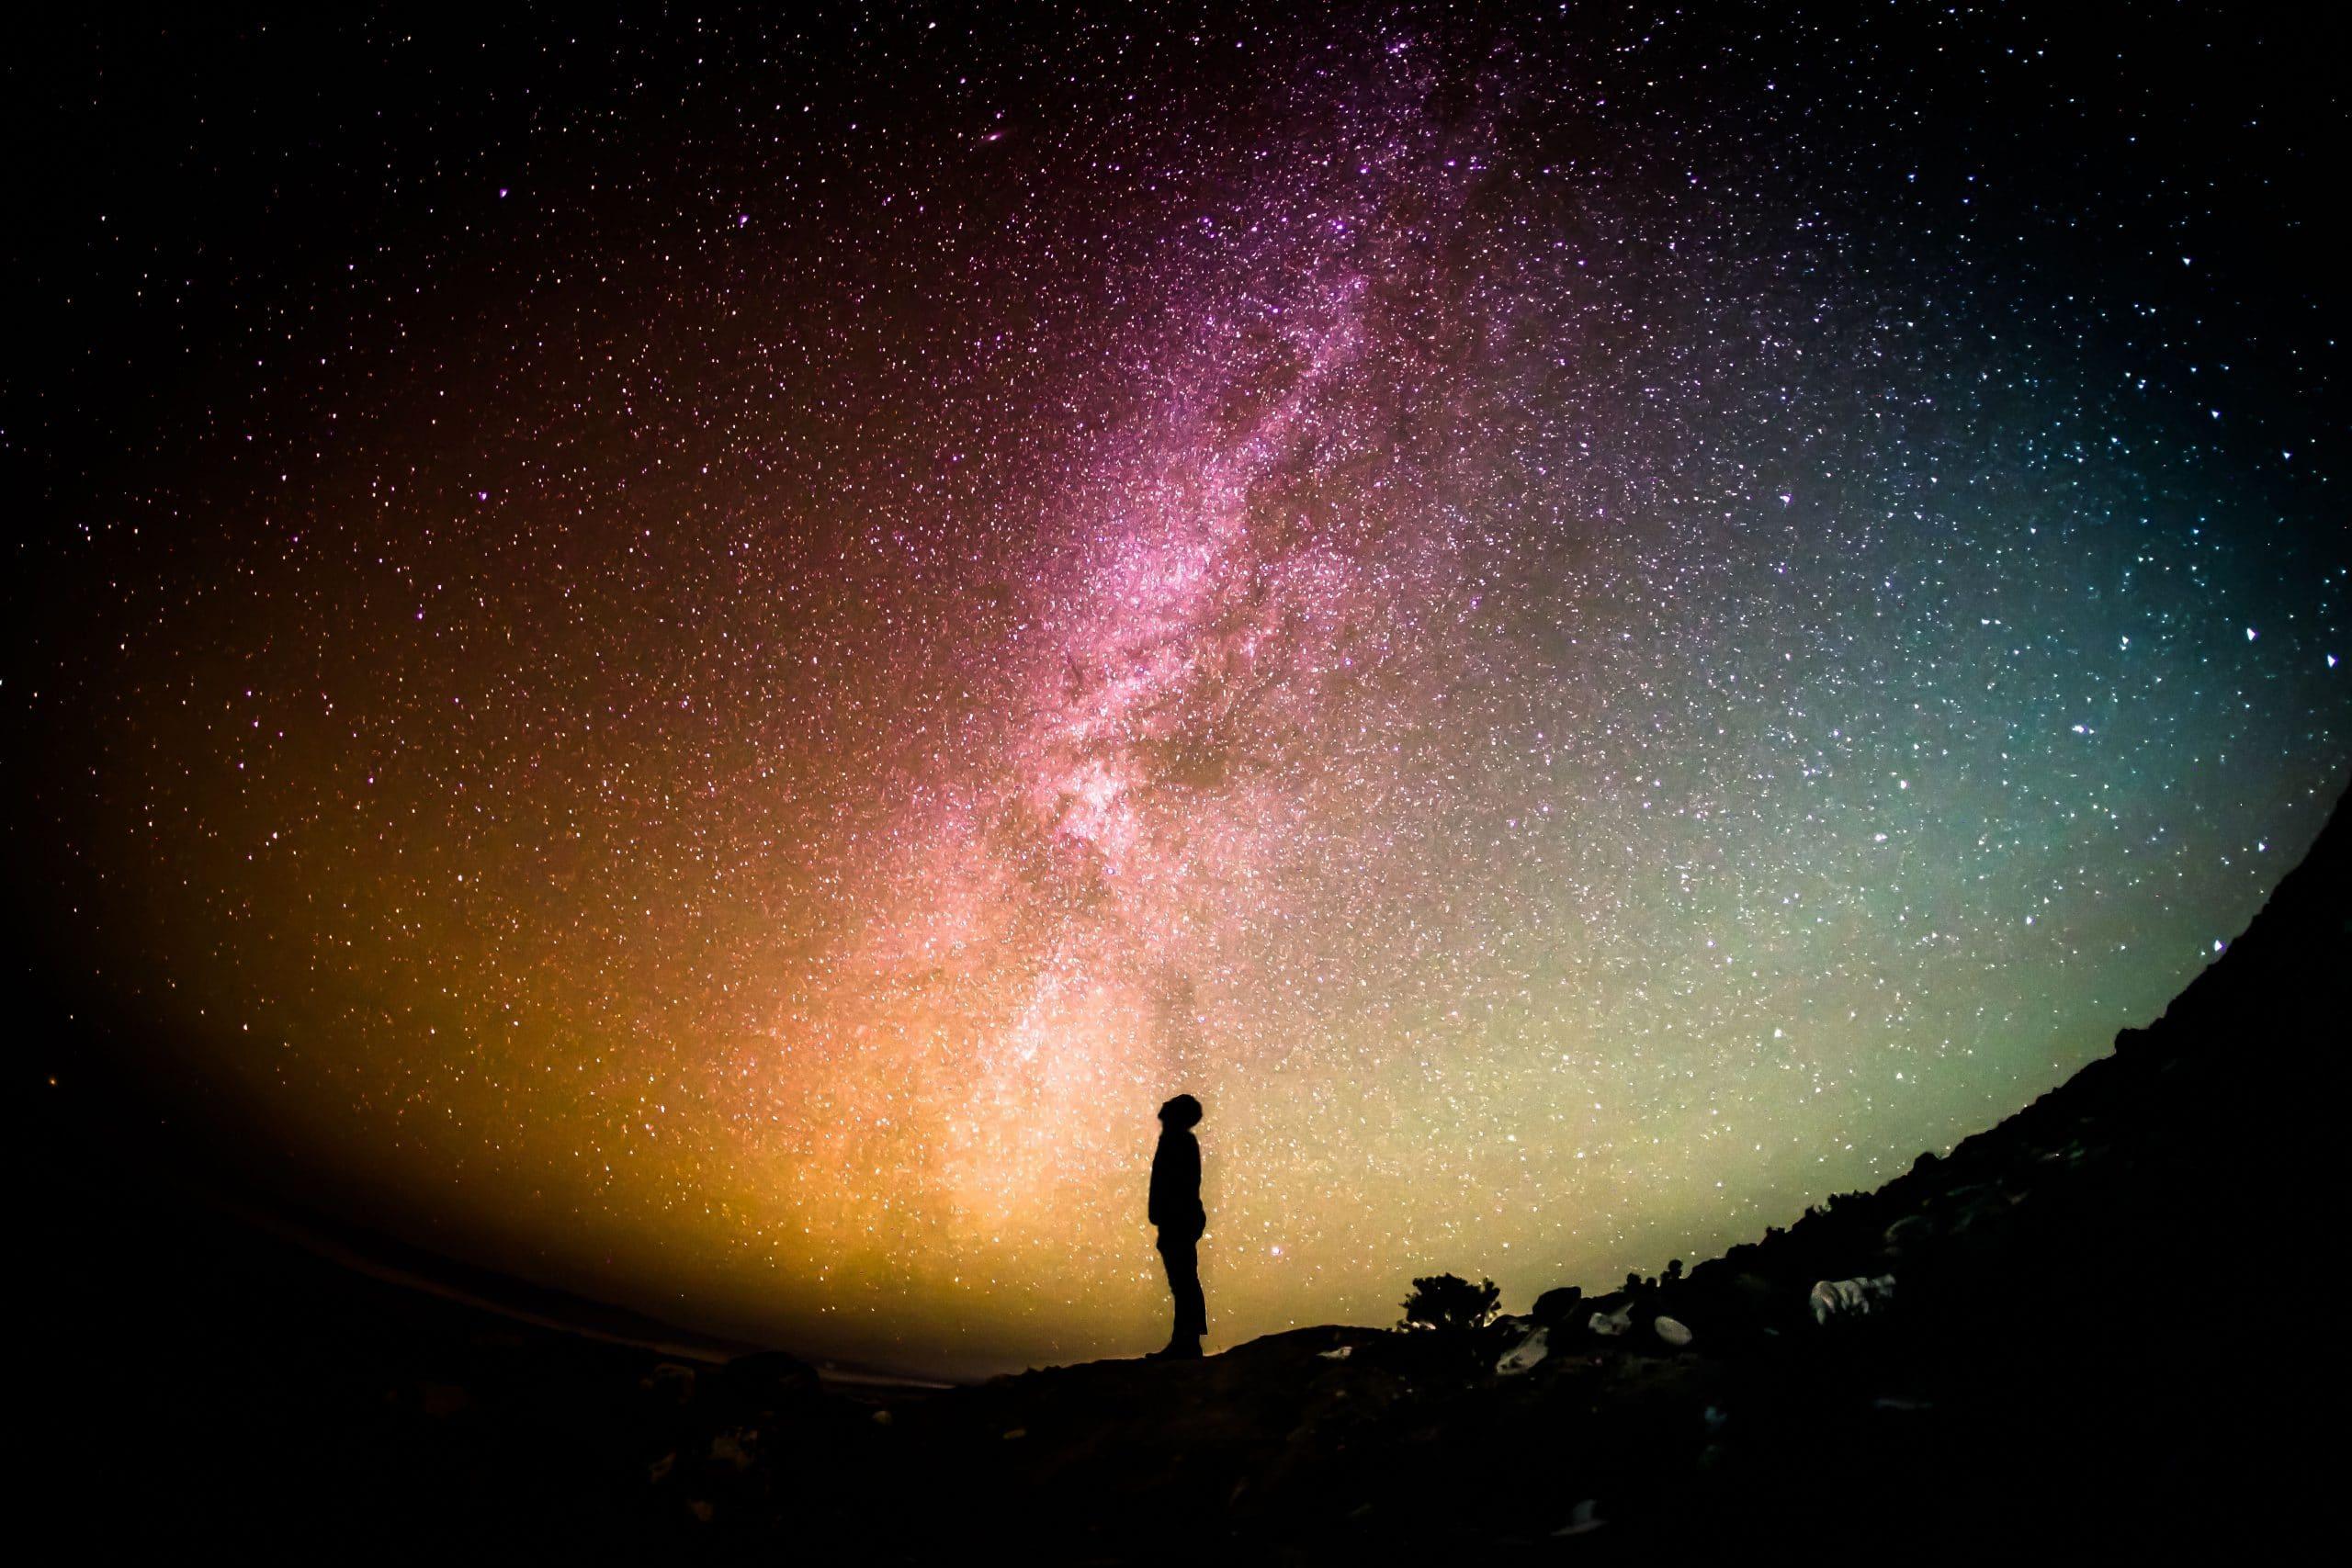 Silhueta de um homem em meio ao céu estrelado.